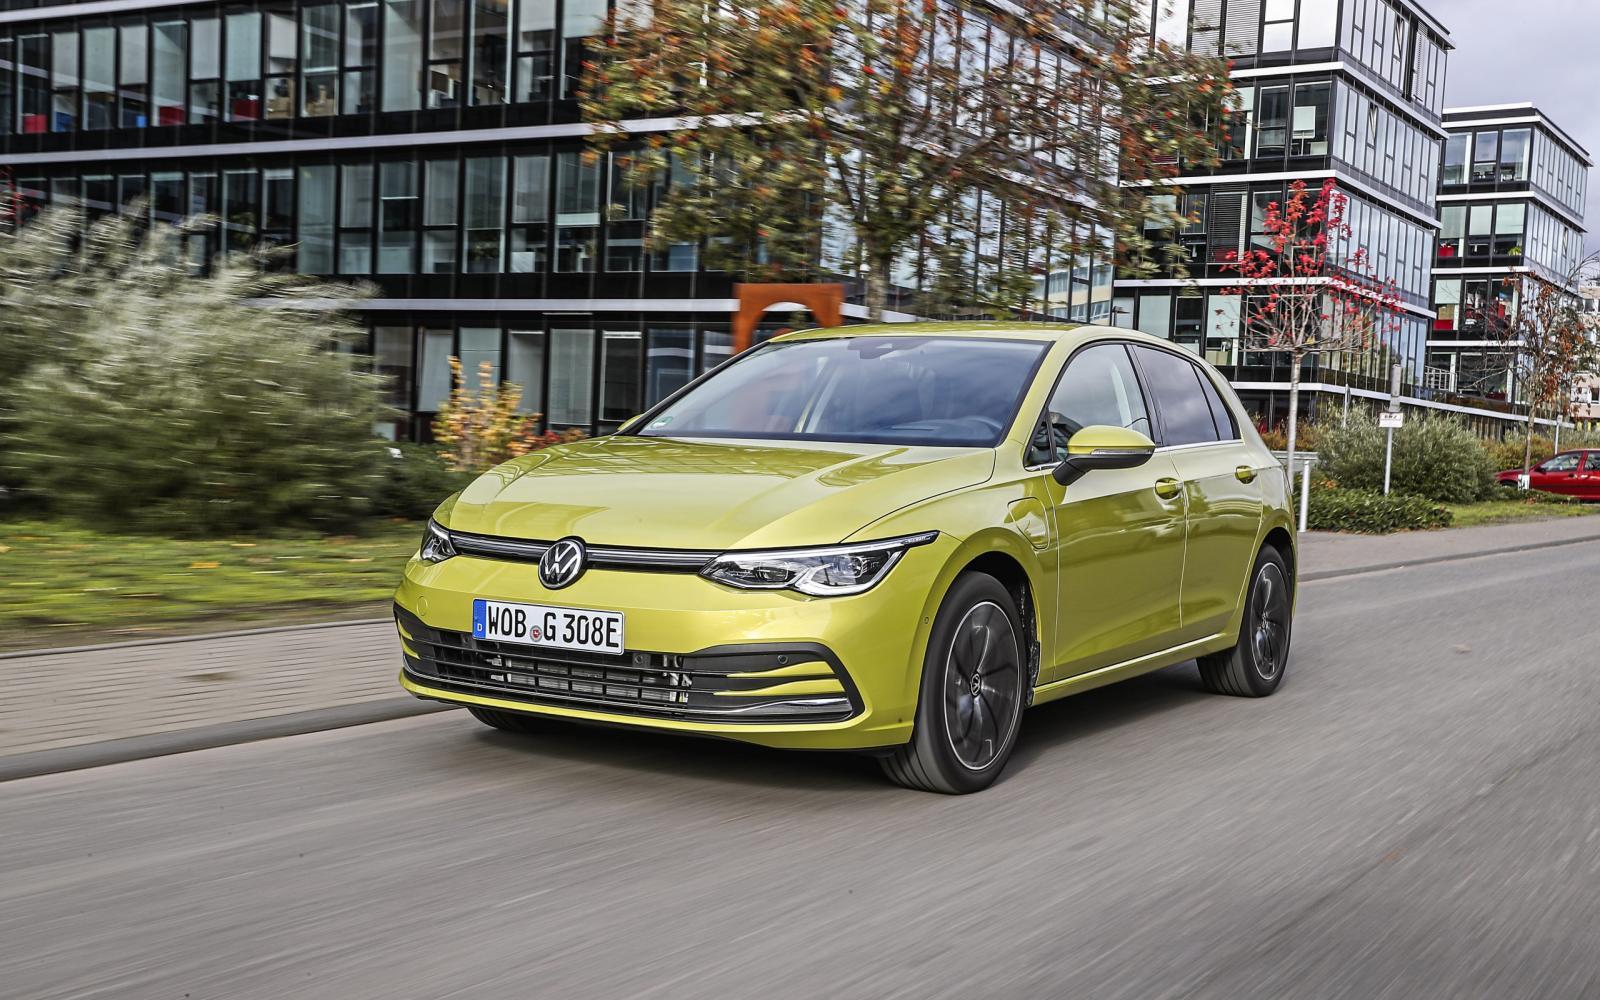 Hybrides voor kilometervreters: zo comfortabel zijn de Mercedes A 250e en VW Golf e-Hybrid